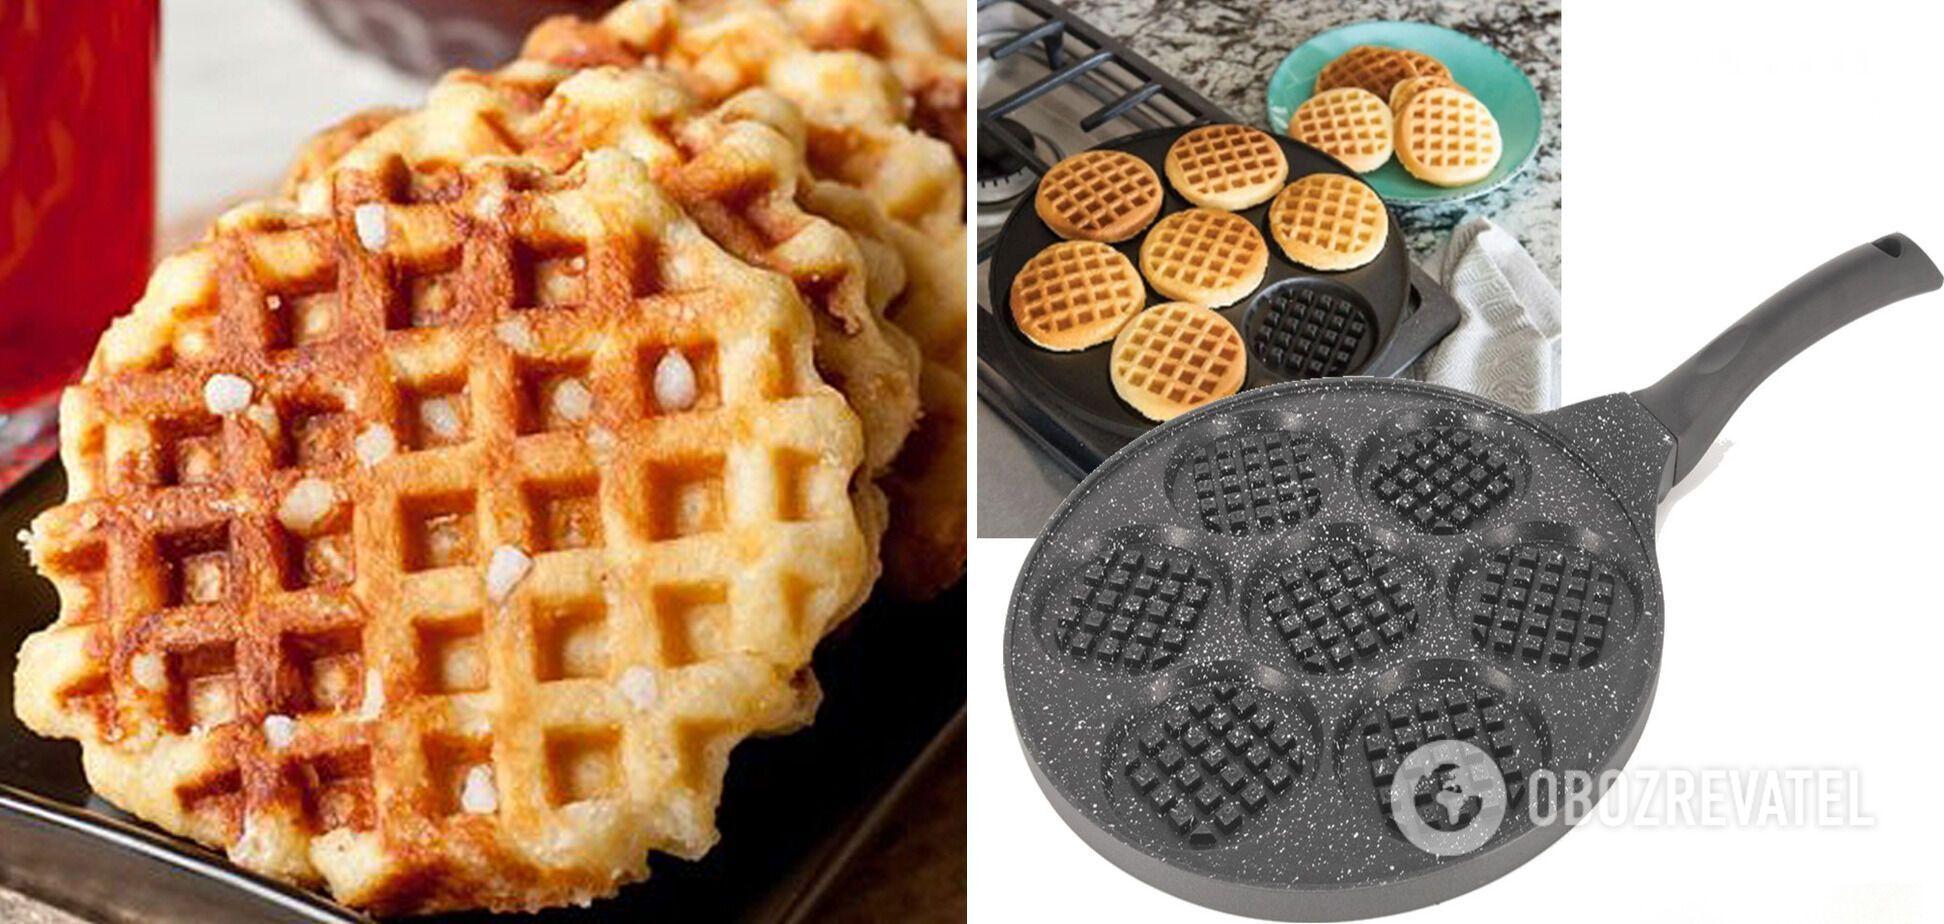 Сковорода для бельгийских вафель